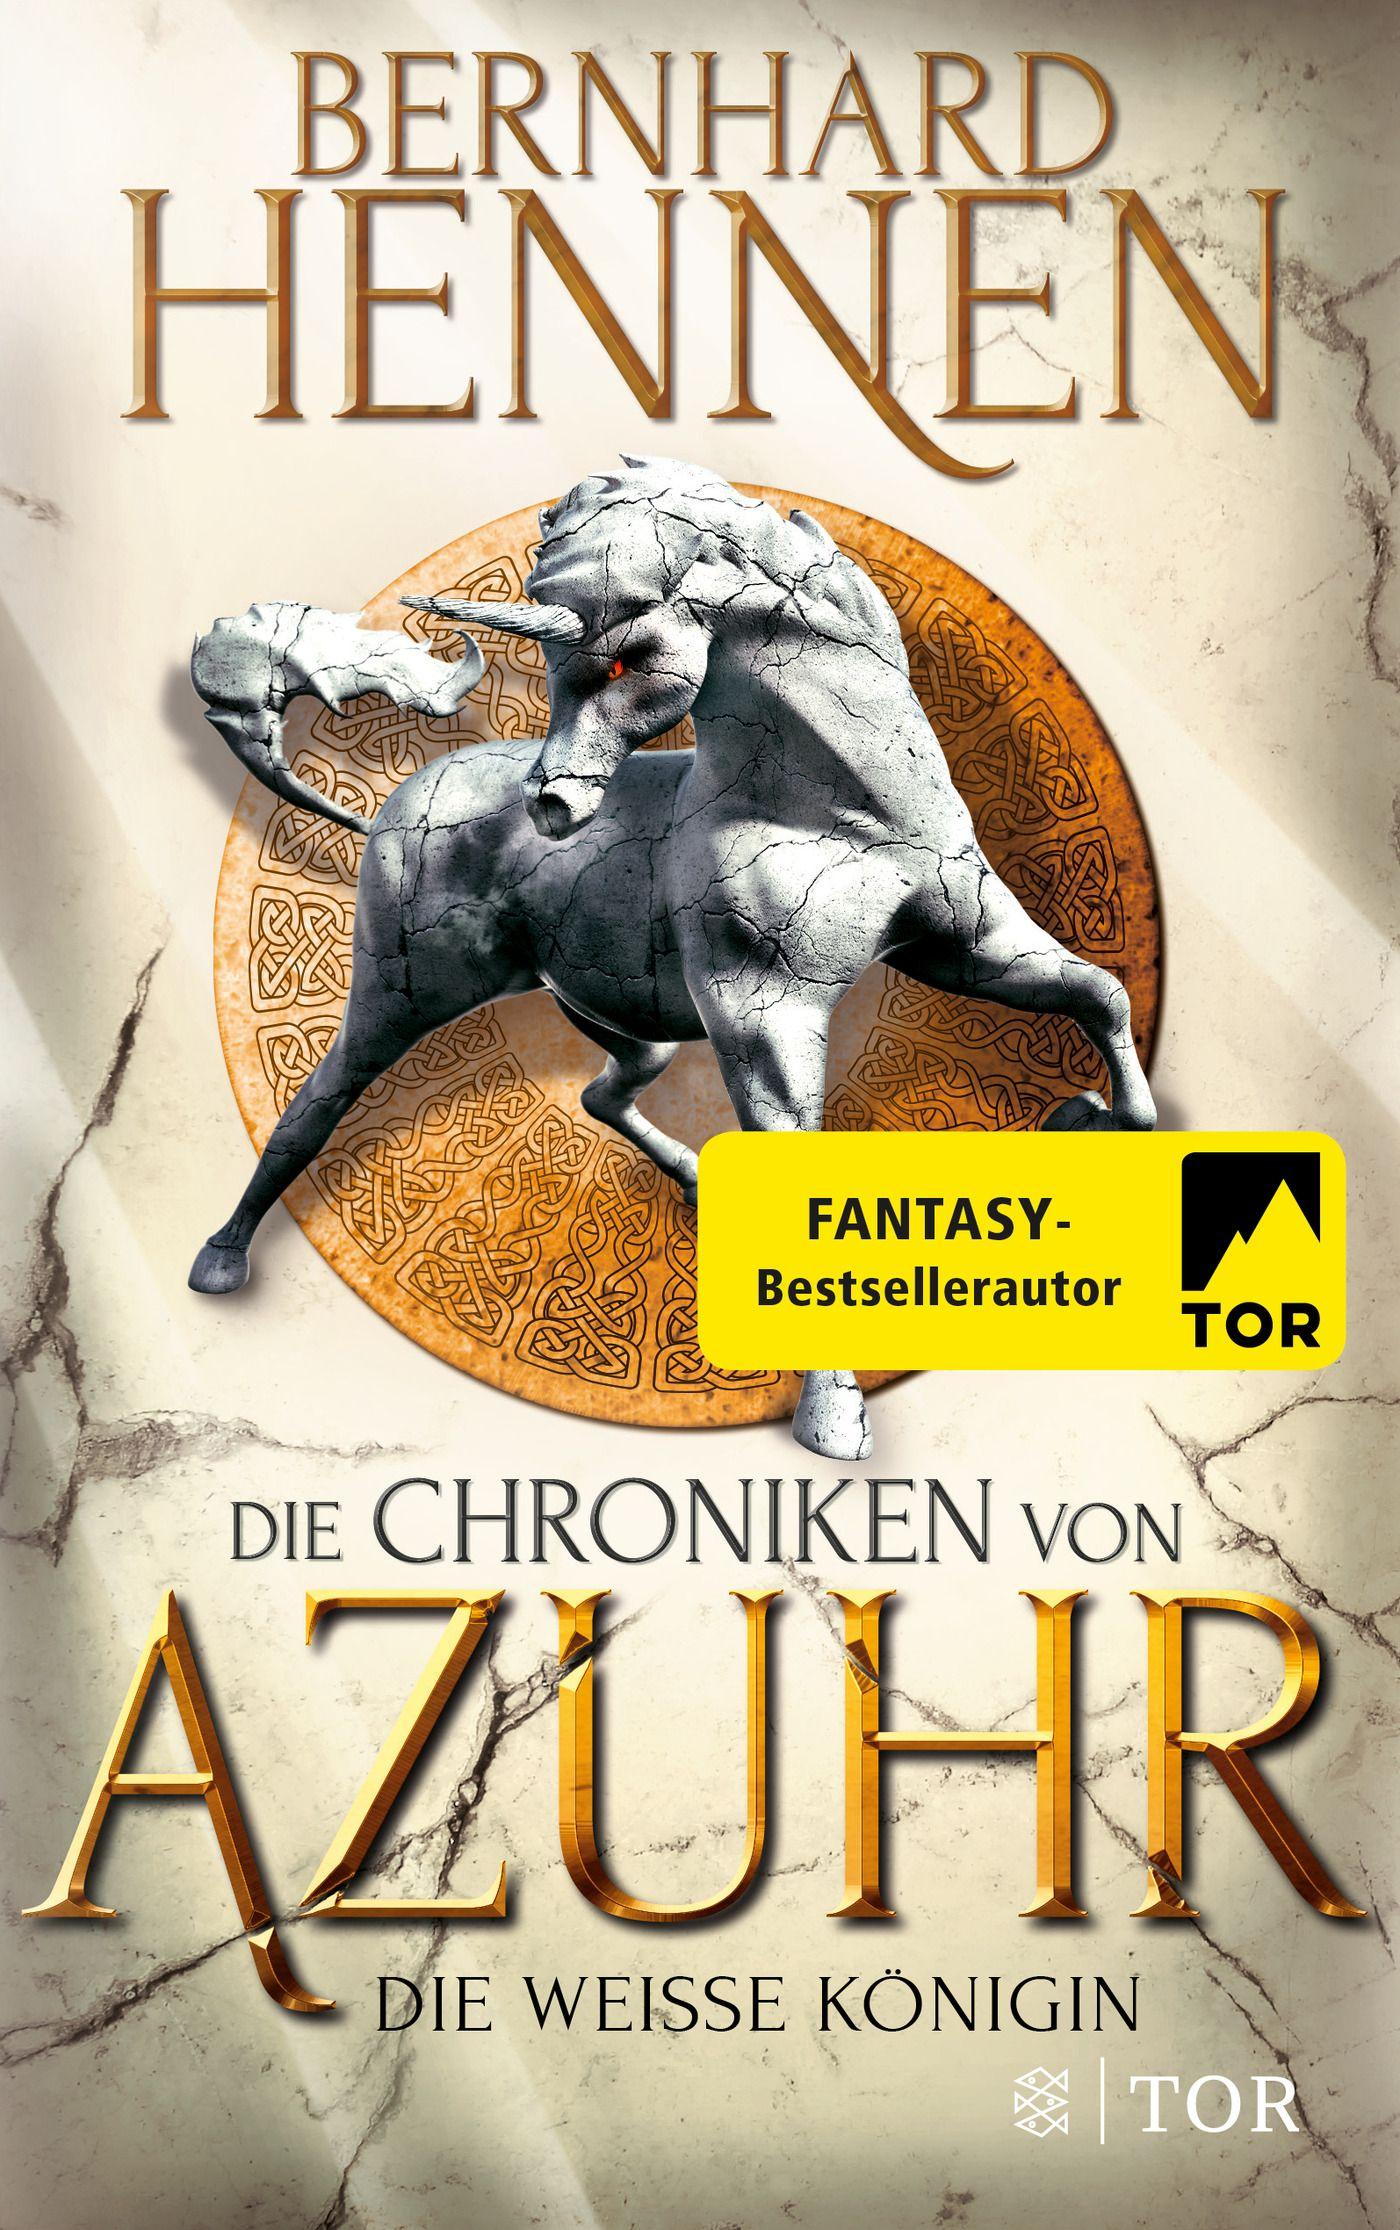 Die-Chroniken-von-Azuhr-Die-weisse-Koenigin_Bernhard-Hennen.jpg